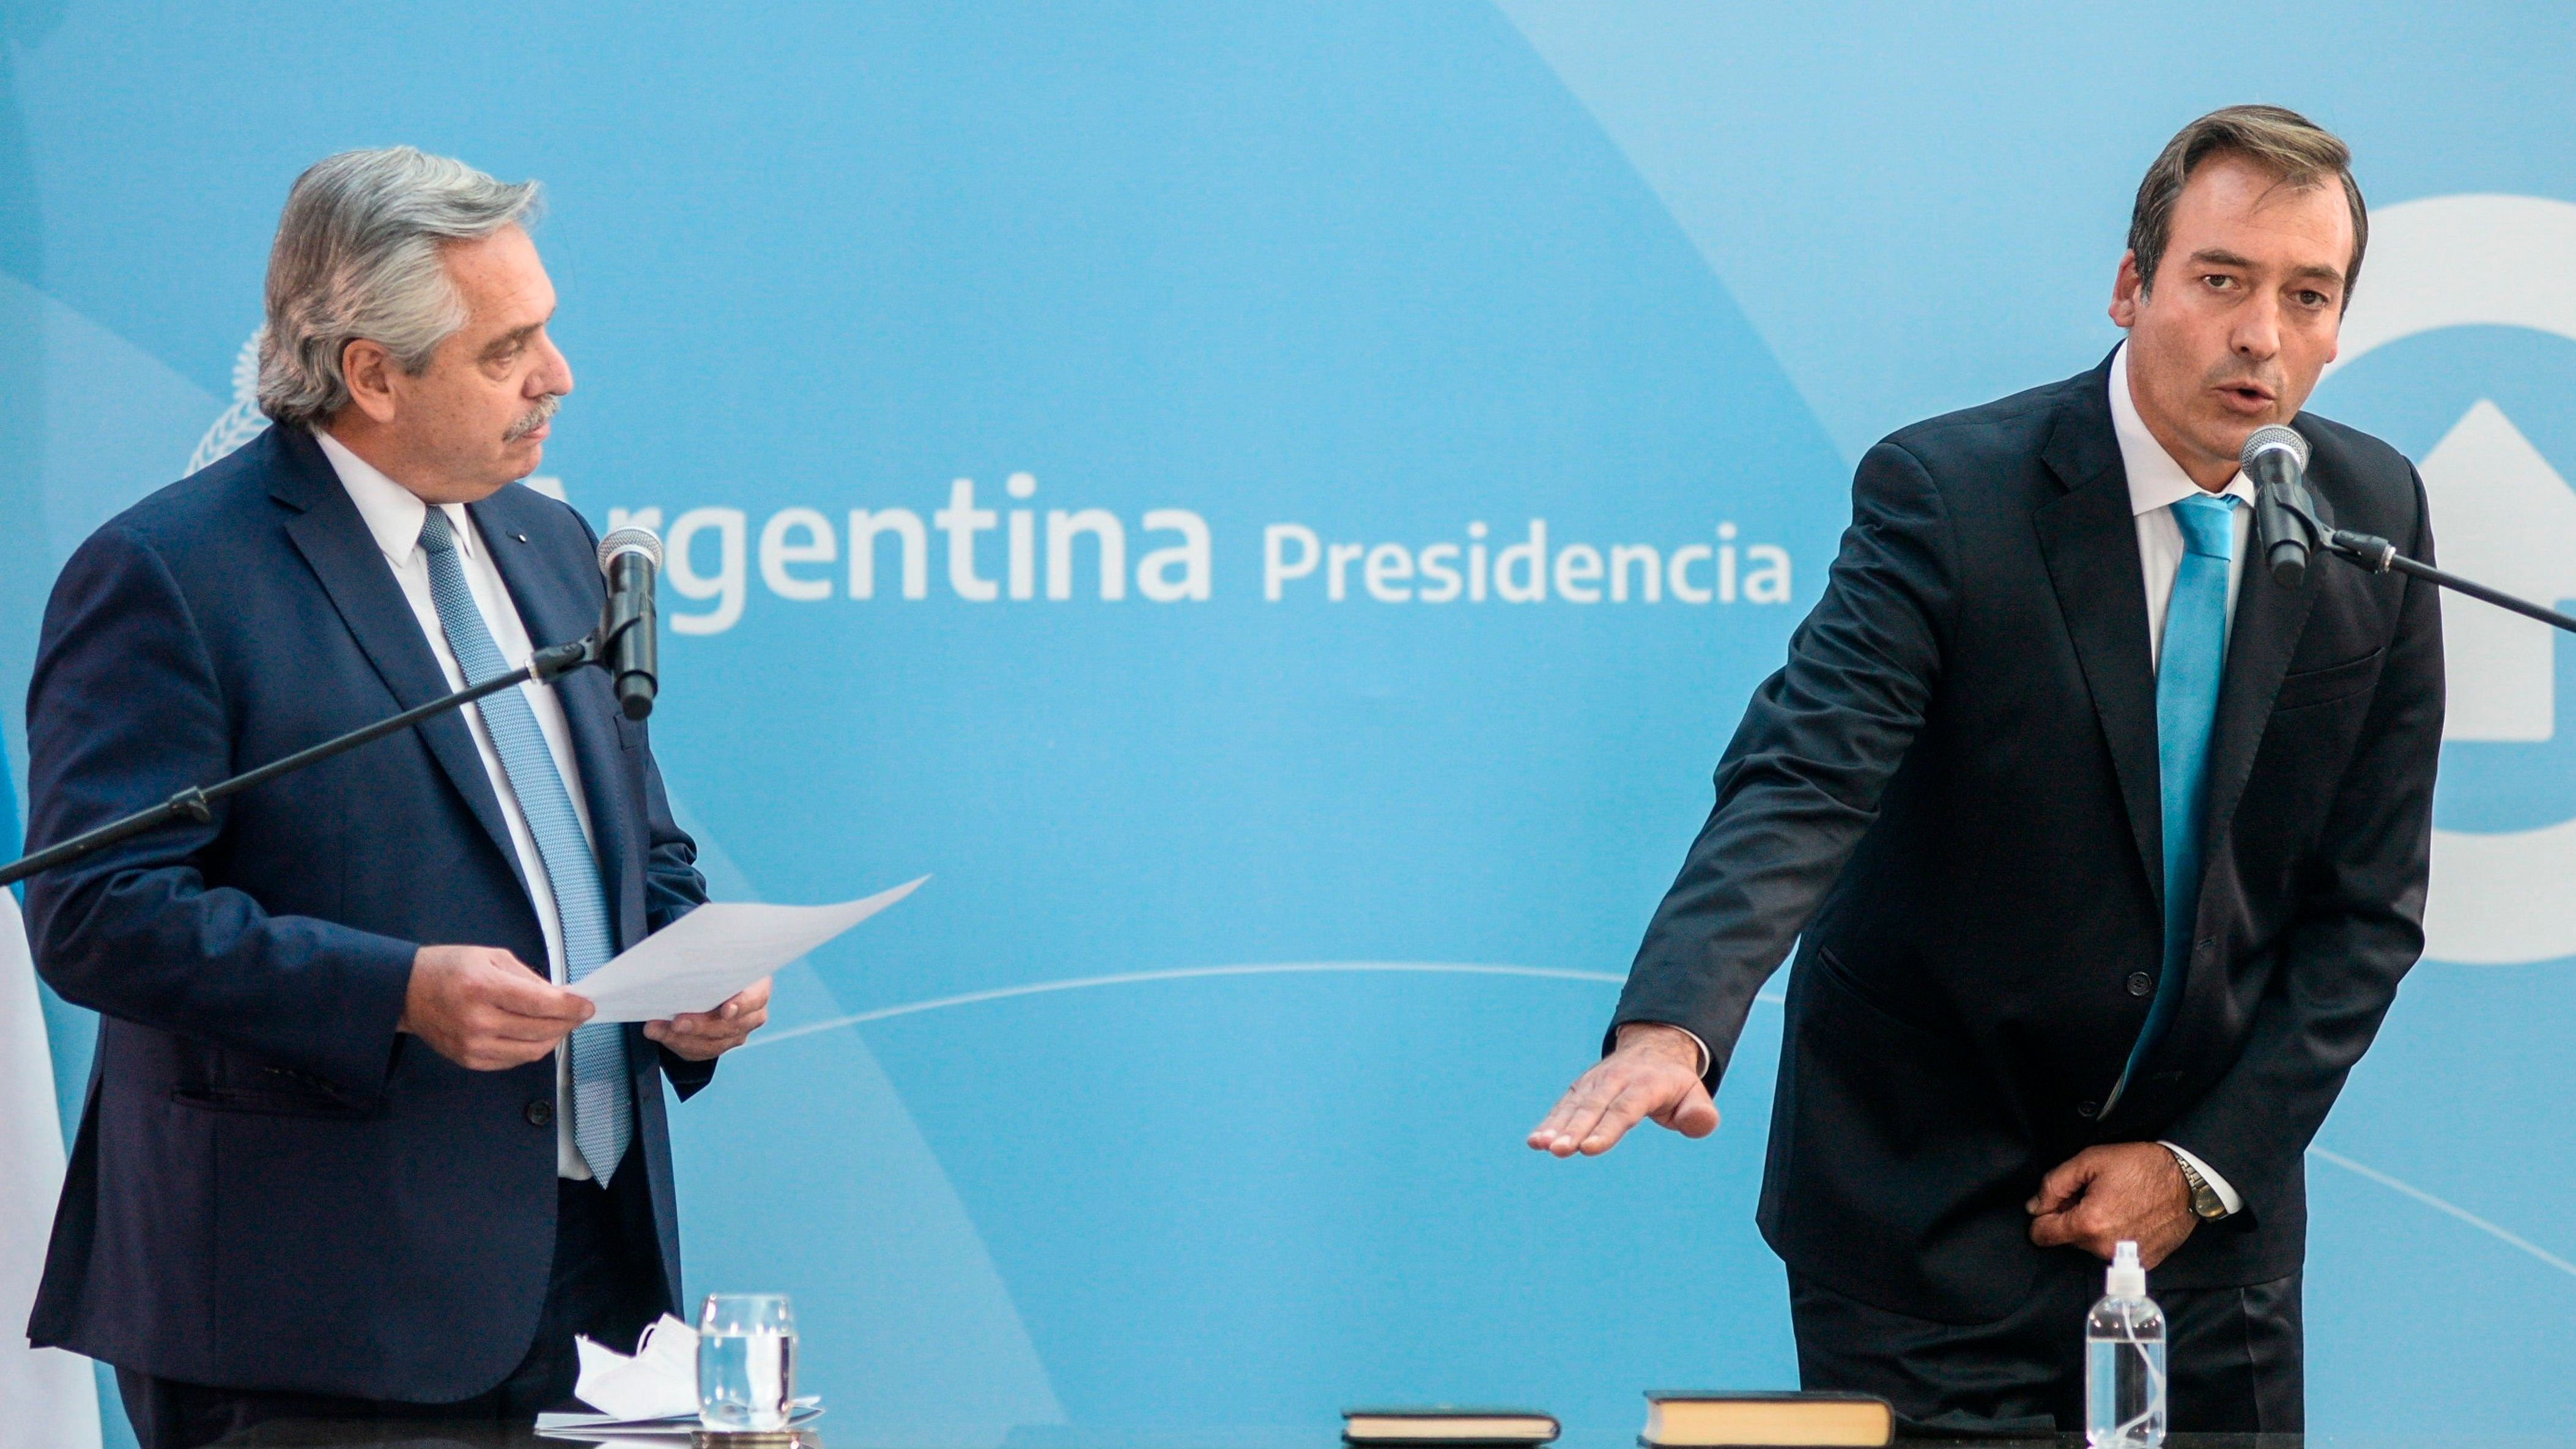 Fotografía cedida por la Presidencia de Argentina que muestra a Martín Soria (d) mientras jura como nuevo ministro de Justicia ante el presidente de Argentina, Alberto Fernández, hoy, en la Casa de Gobierno, en Buenos Aires (Argentina). EFE/Presidencia Argentina